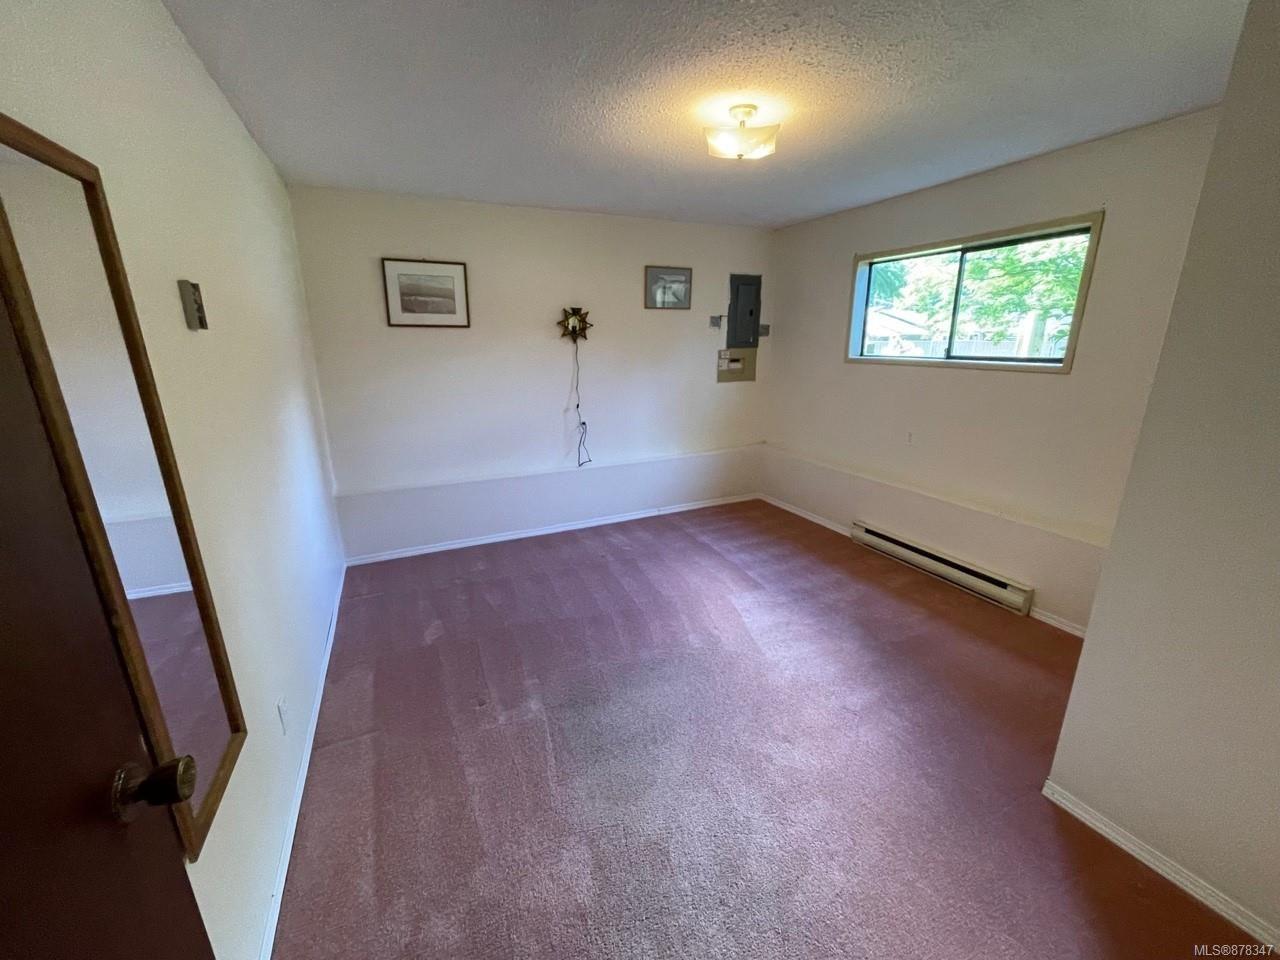 Photo 11: Photos: 334 Texada Pl in : CV Comox (Town of) House for sale (Comox Valley)  : MLS®# 878347